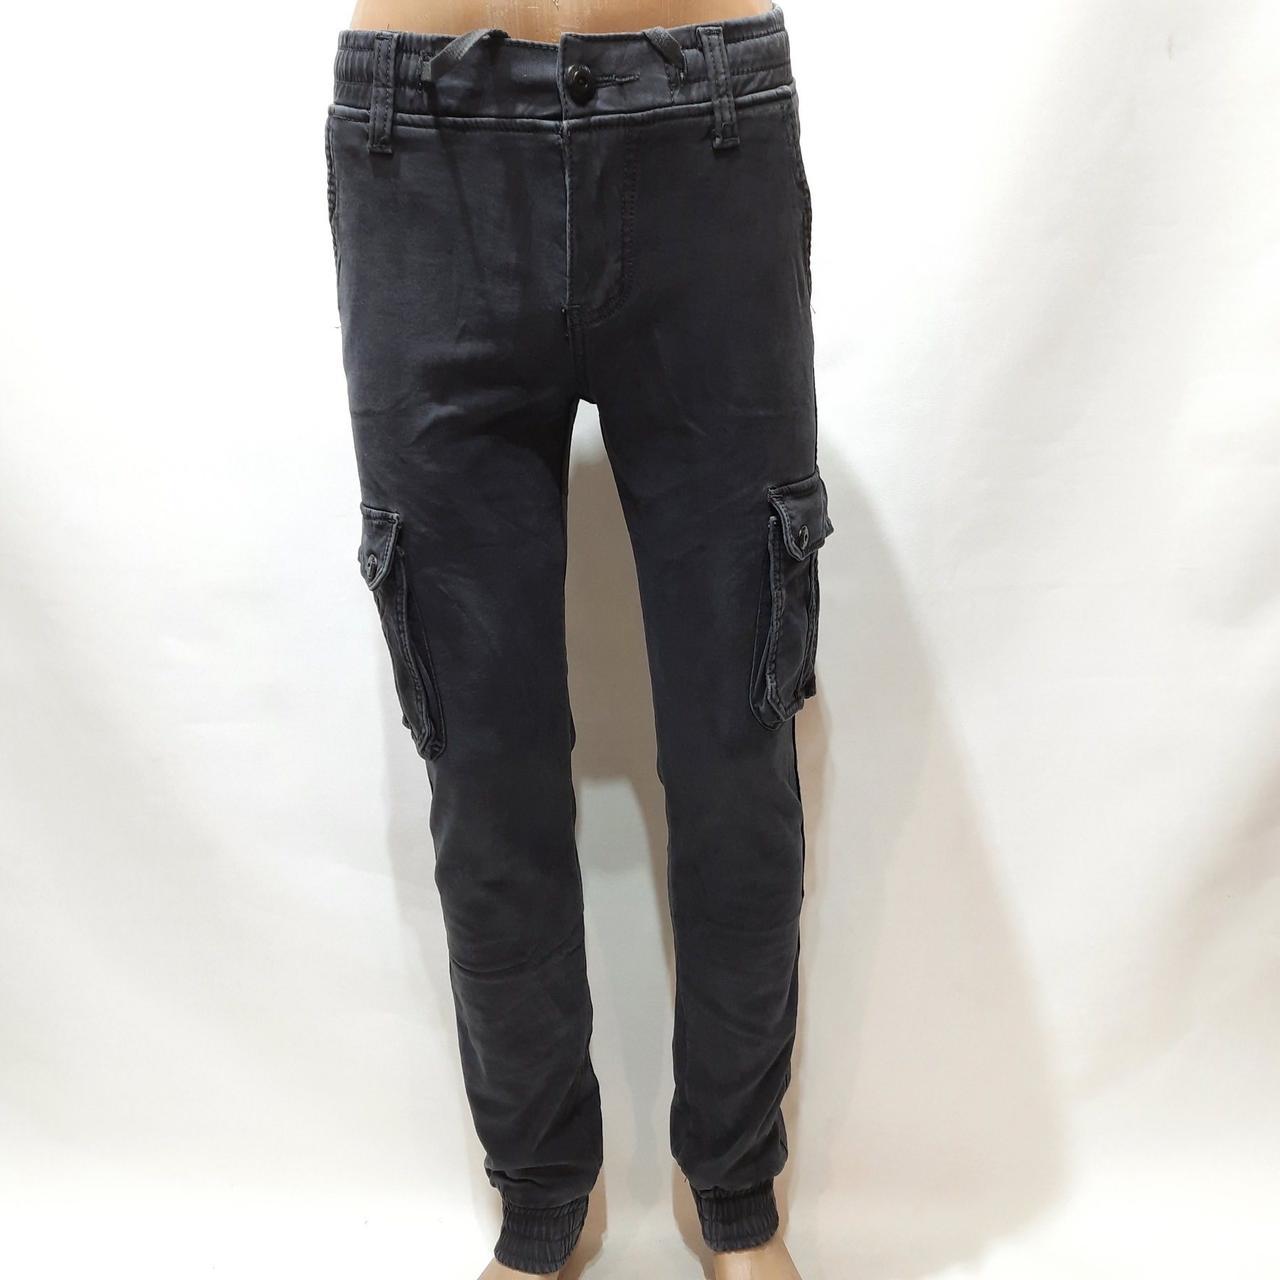 Зимние мужские джинсы, р. 29,31,33 теплые карго на флисе Reman Denim серые р. 31,32,33,38